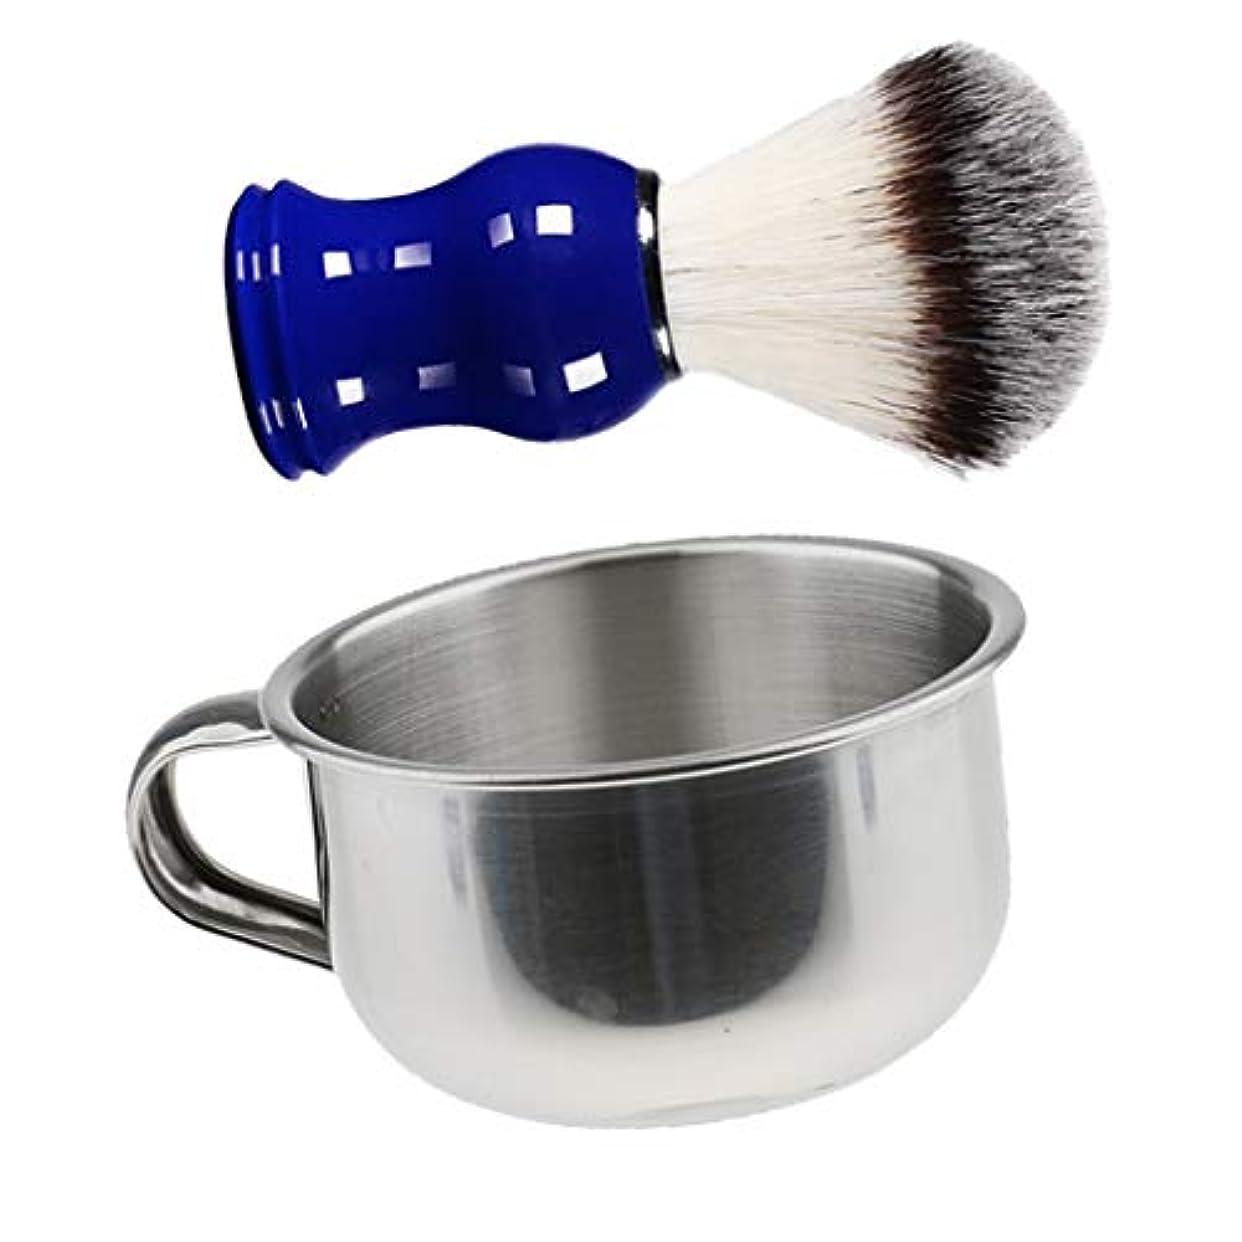 堤防資格情報入射シェービングブラシセット ステンレス製シェービングボウル メンズ 理容 洗顔 髭剃り 泡立ち 実用的